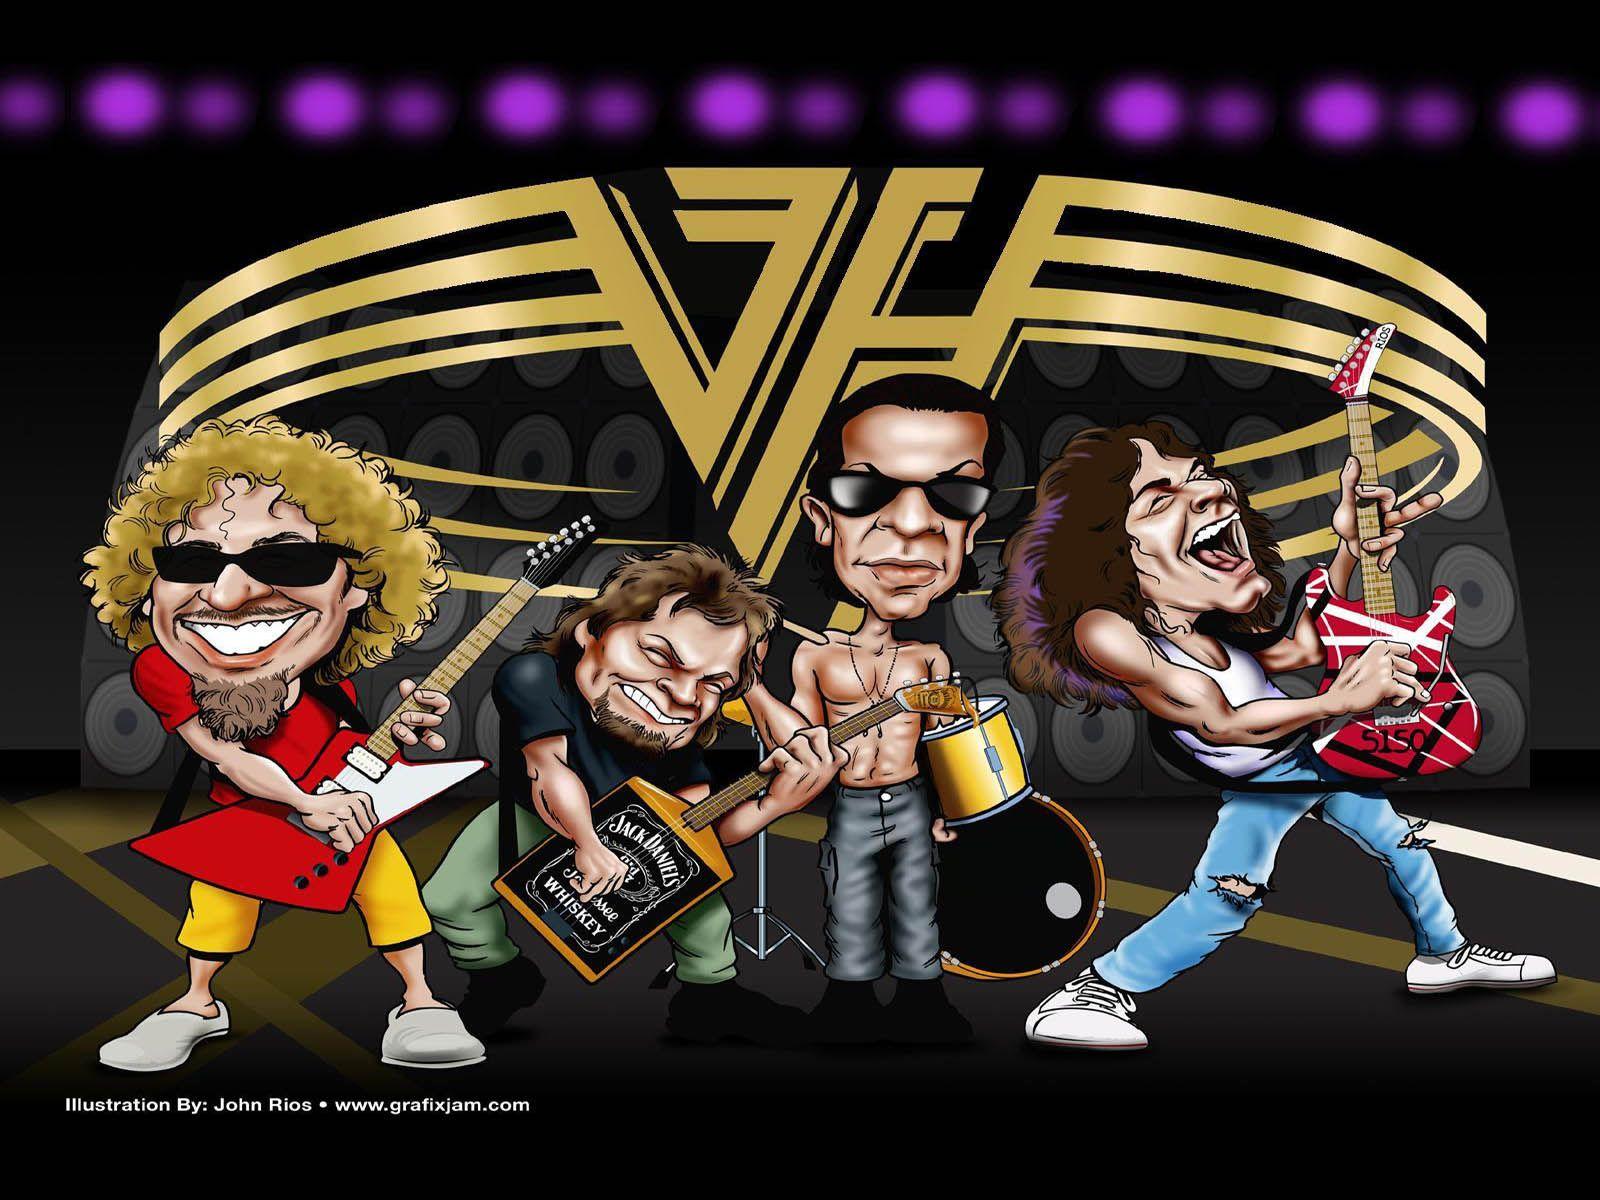 Wallpapersxl Wallpapers 1600x1200 Van Halen 281301